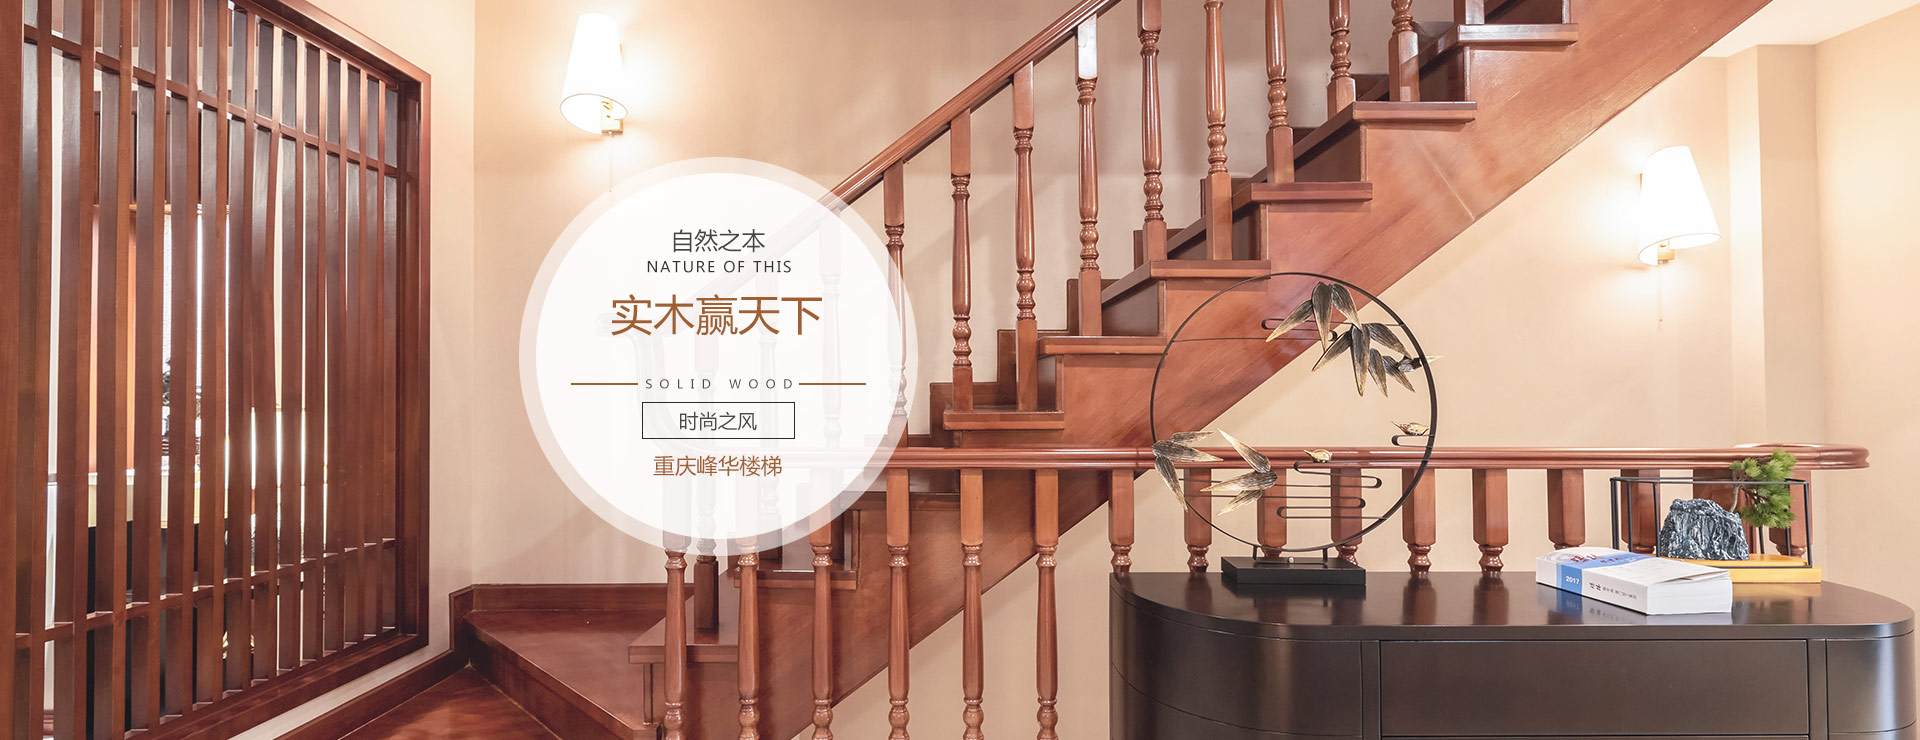 重庆楼梯厂家